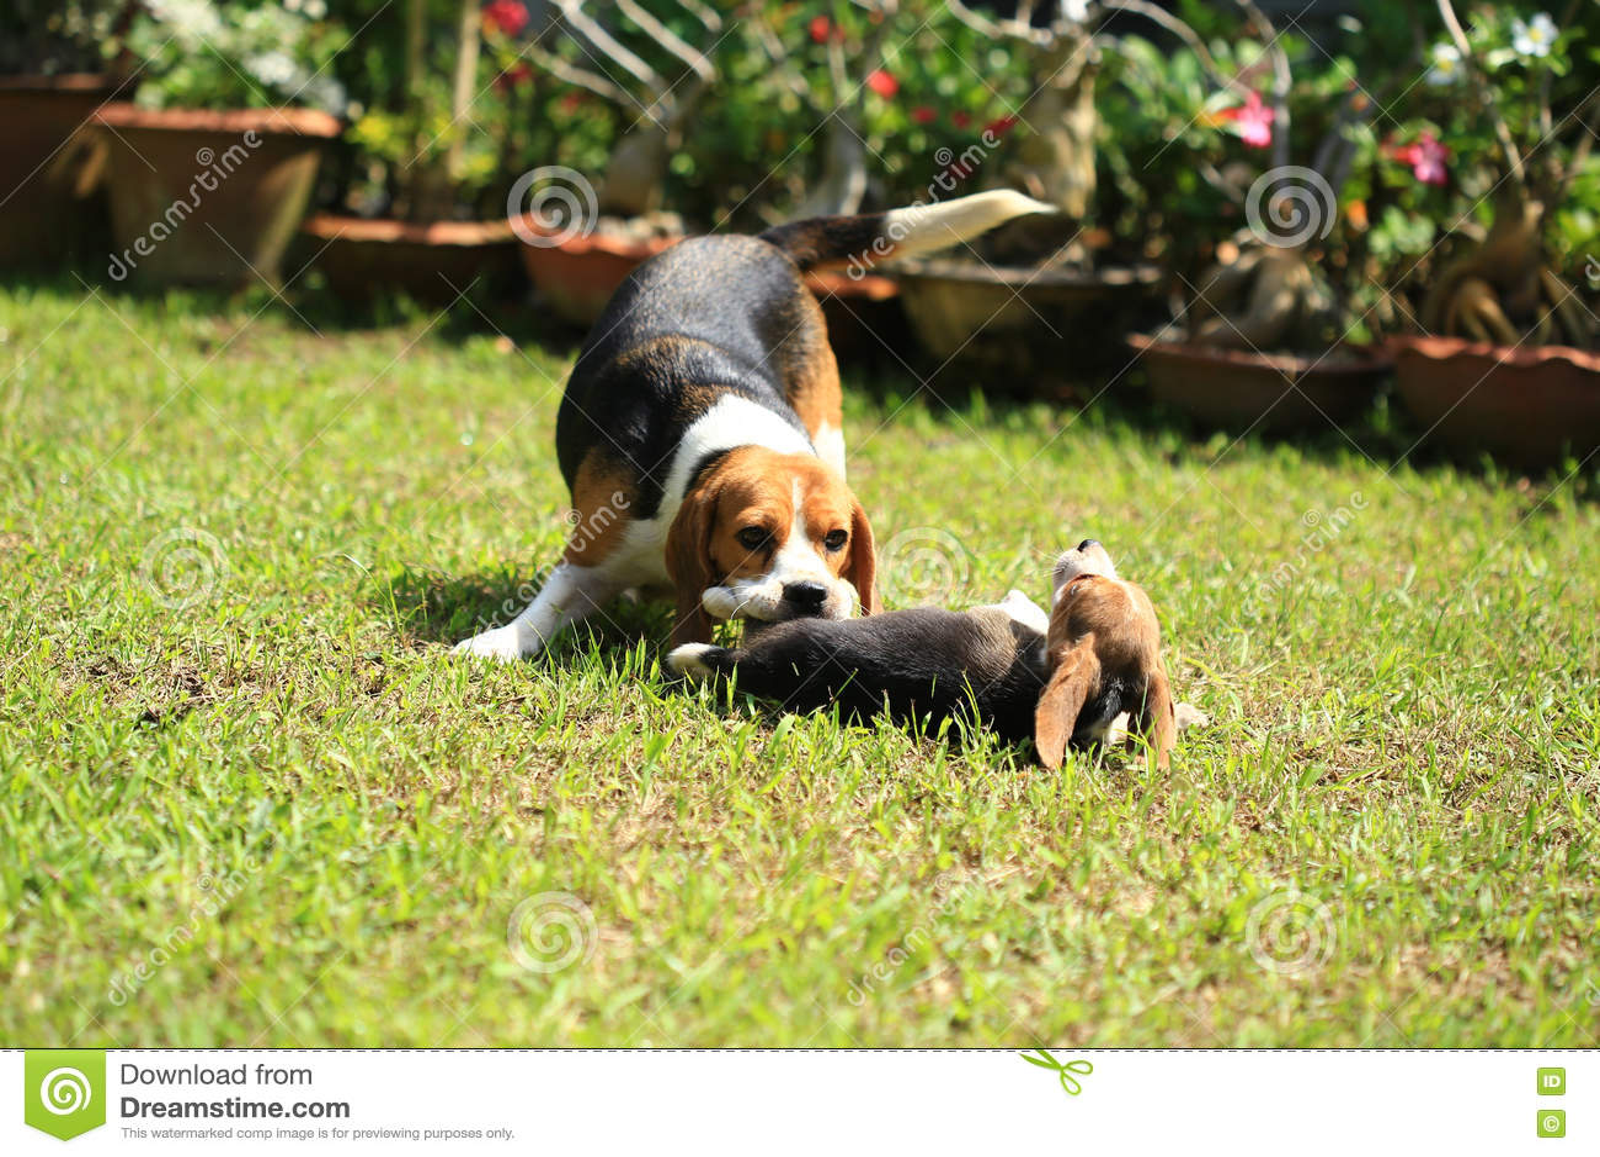 国外人和动物杂交影片网站_图片 包括有 家谱, 交配动物者, browne, 猎人, 陆运 - 81821988